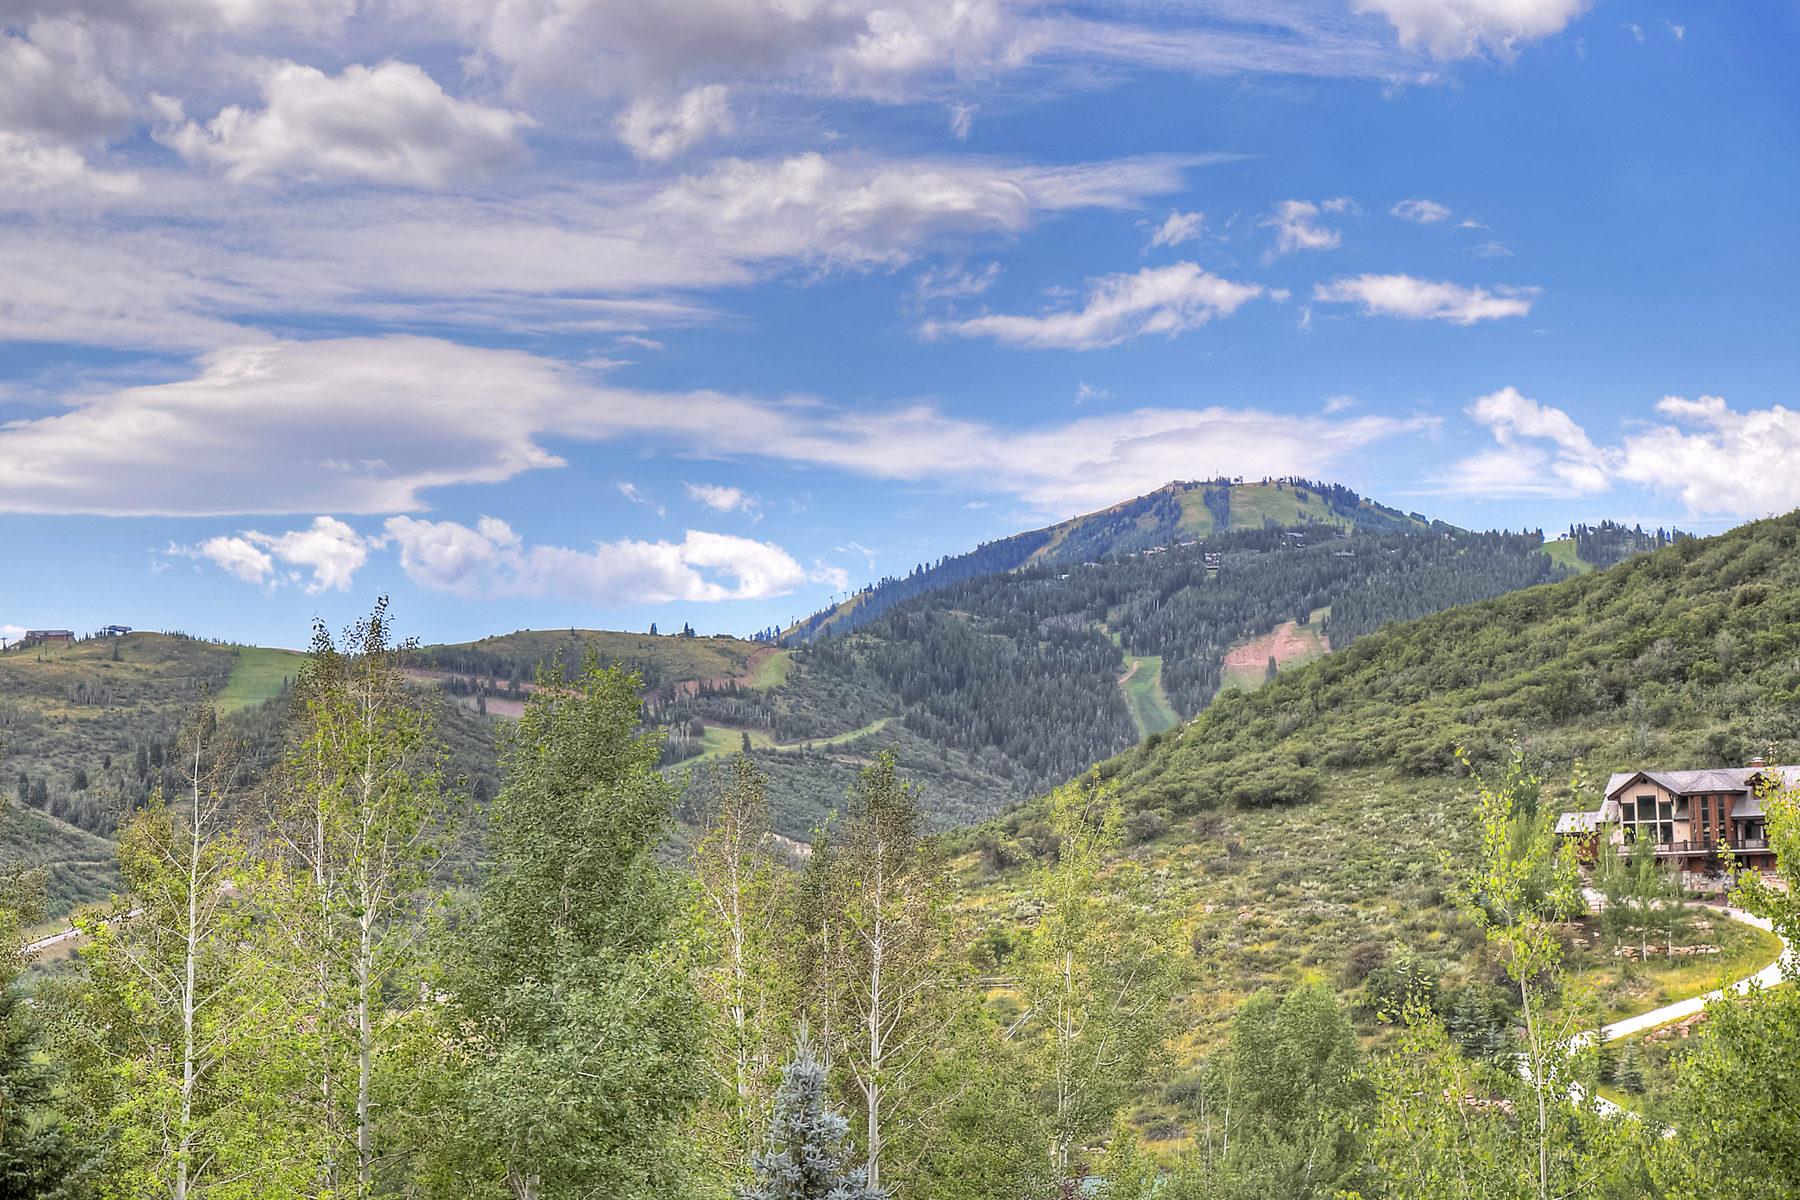 Maison unifamiliale pour l Vente à Brand New Construction in Lower Deer Valley 3200 Thistle St #99 Park City, Utah 84060 États-Unis